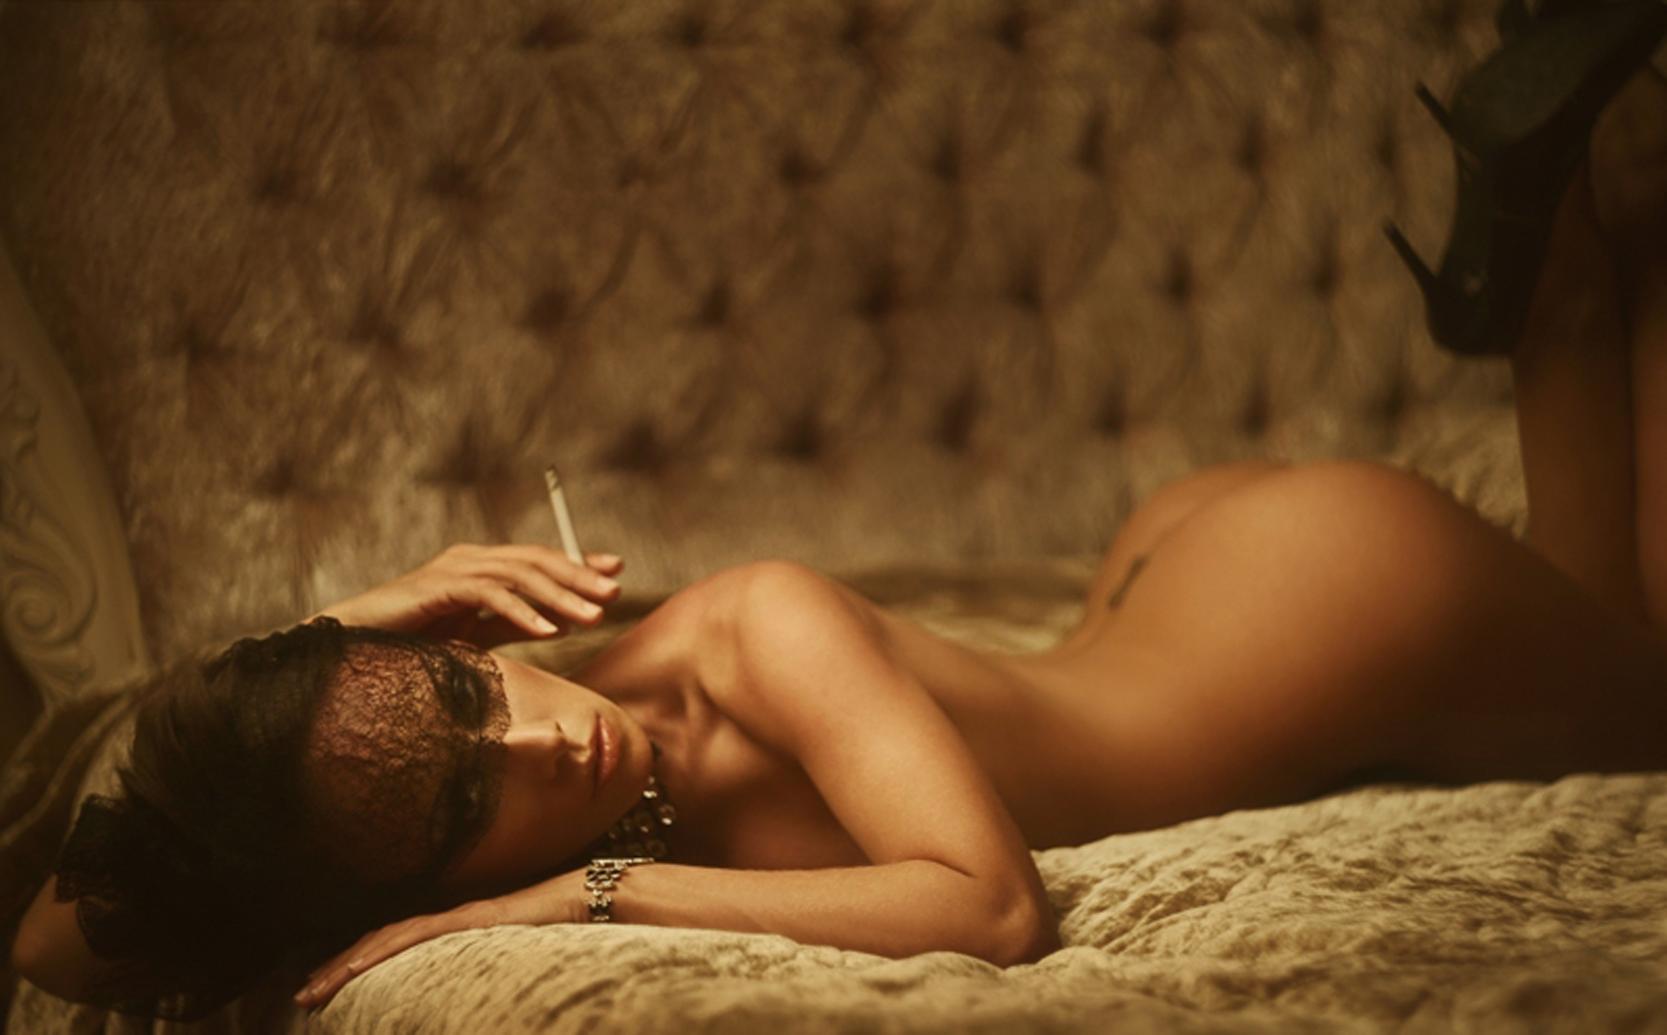 Самые красивые девушки мира фотосессии в стиле ню только фото порно 14 фотография